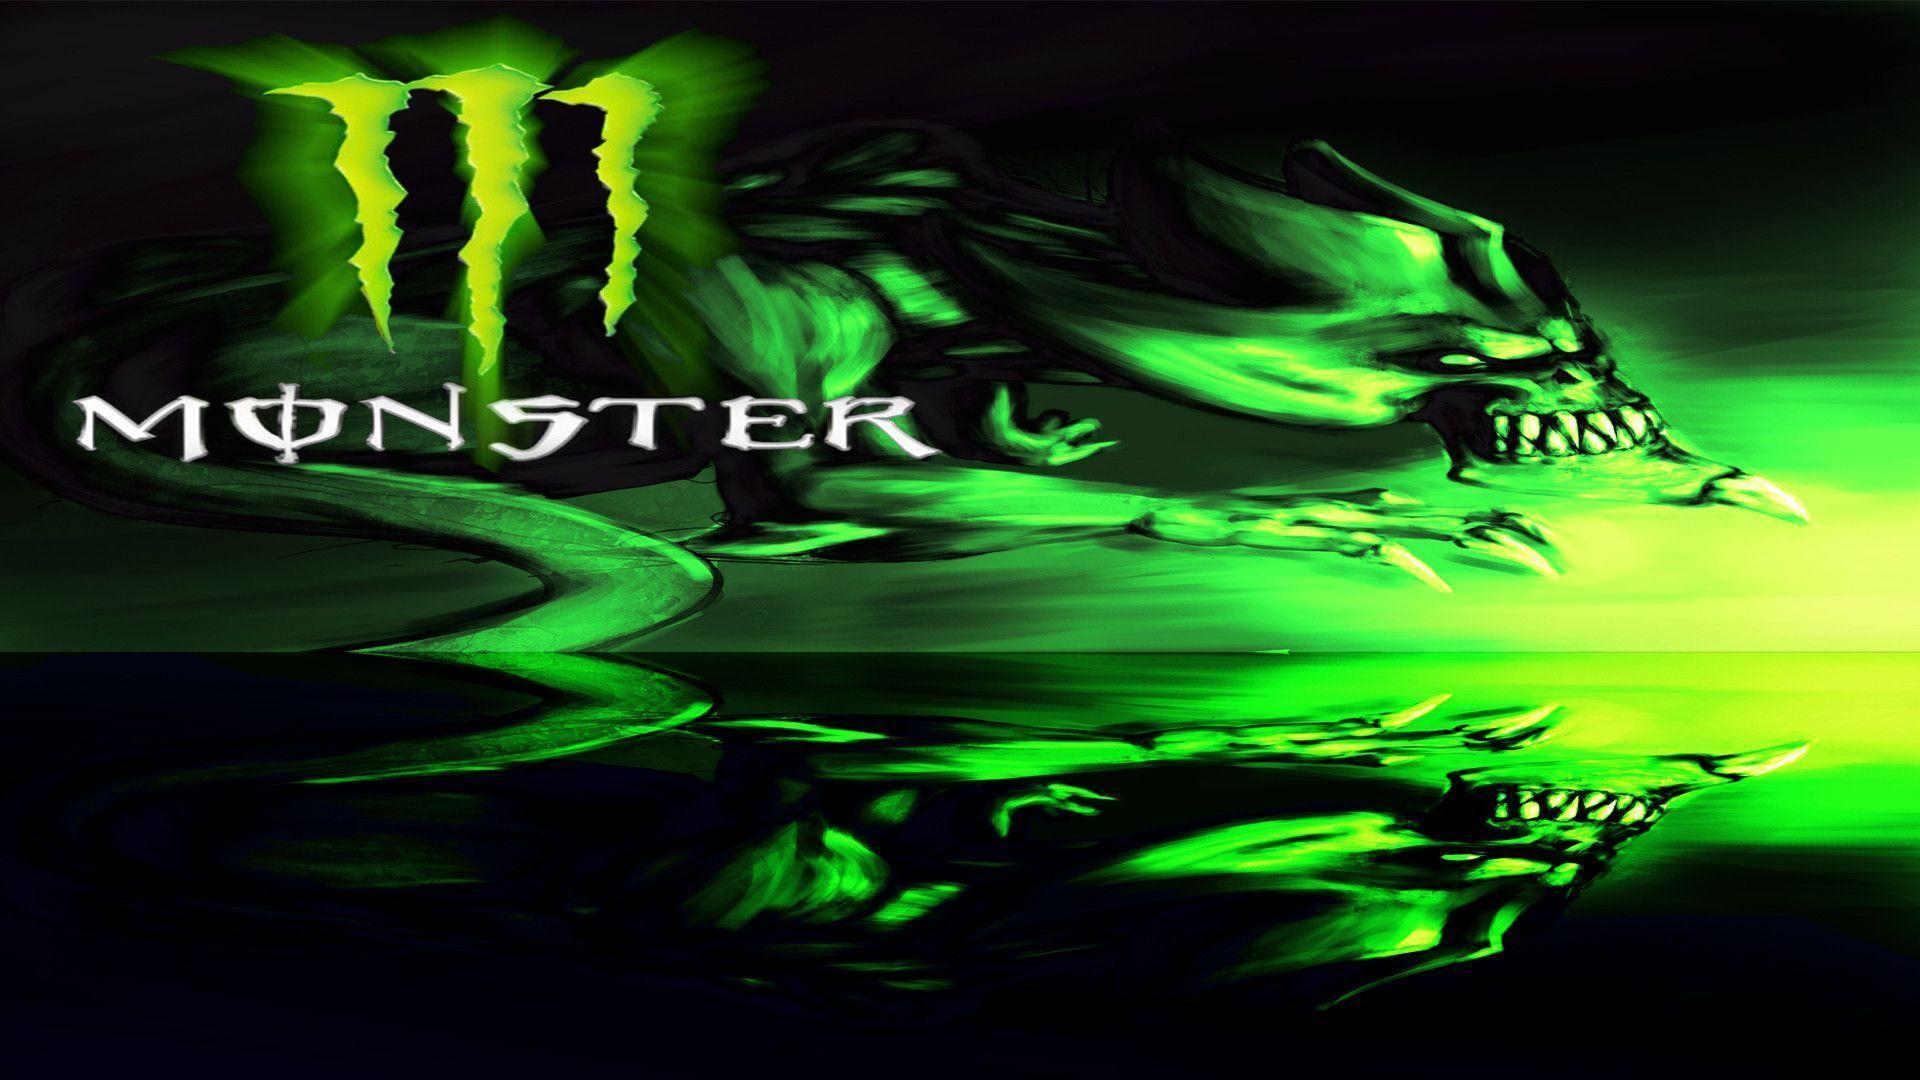 Monster Energy wallpaper - 986965